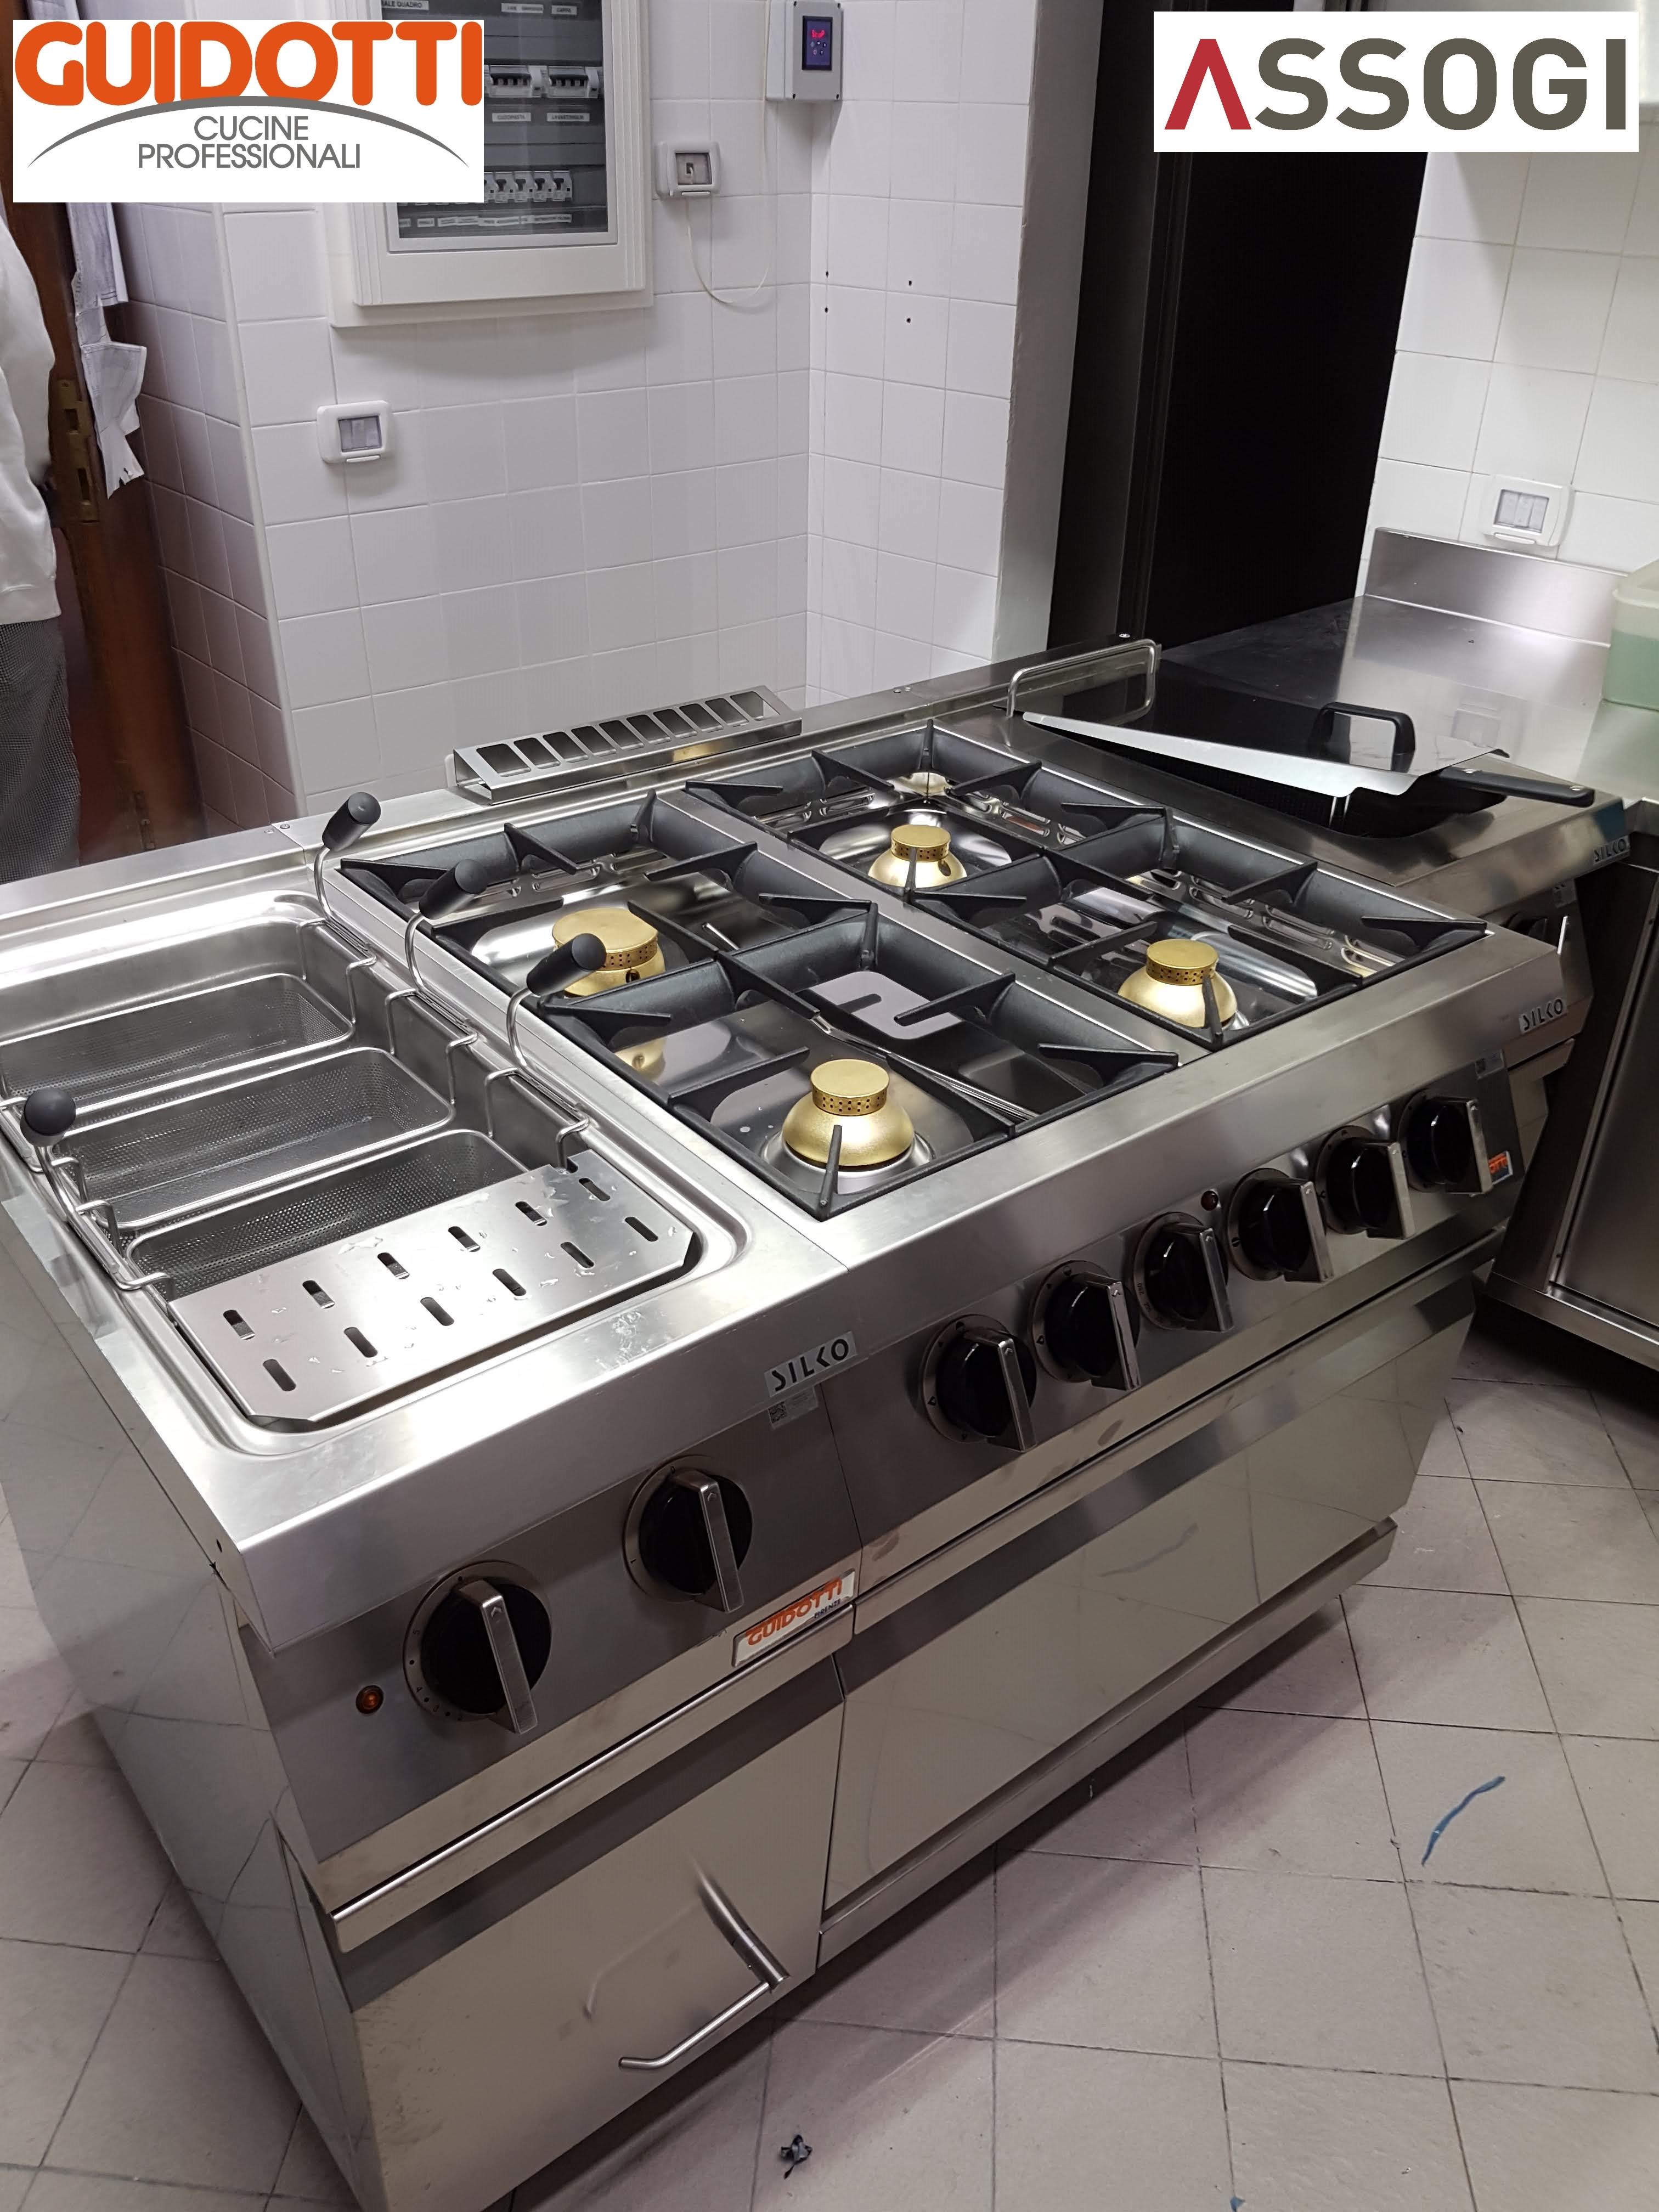 Cucine Ristoranti Usate Prezzi.Guidotti Cucine Professionali Srl Cucine Professionali Firenze